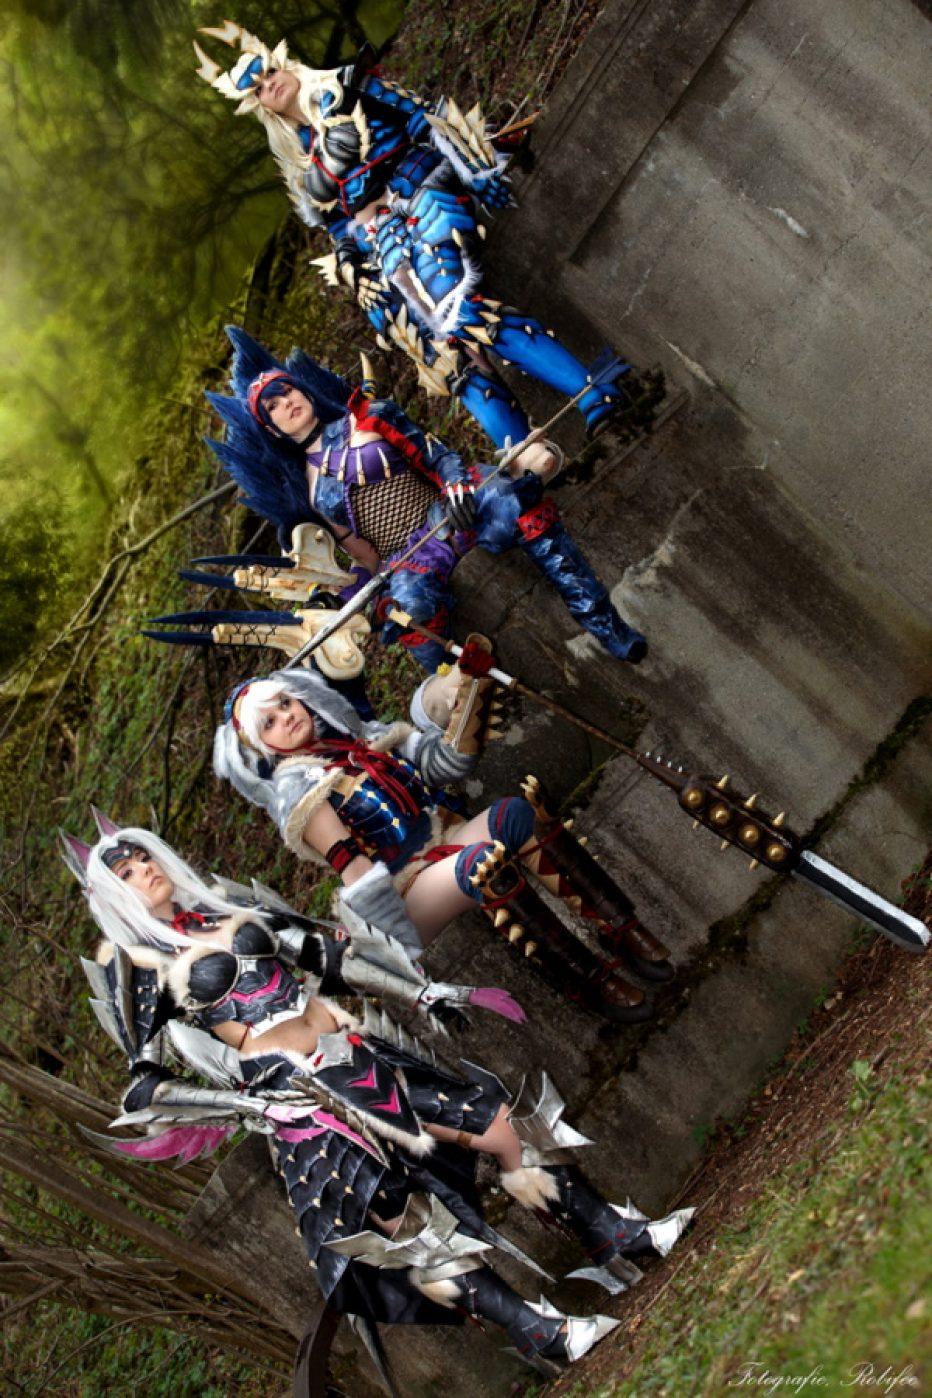 Monster-Hunter-Nargacuga-Cosplay-Gamers-Heroes-1.jpg